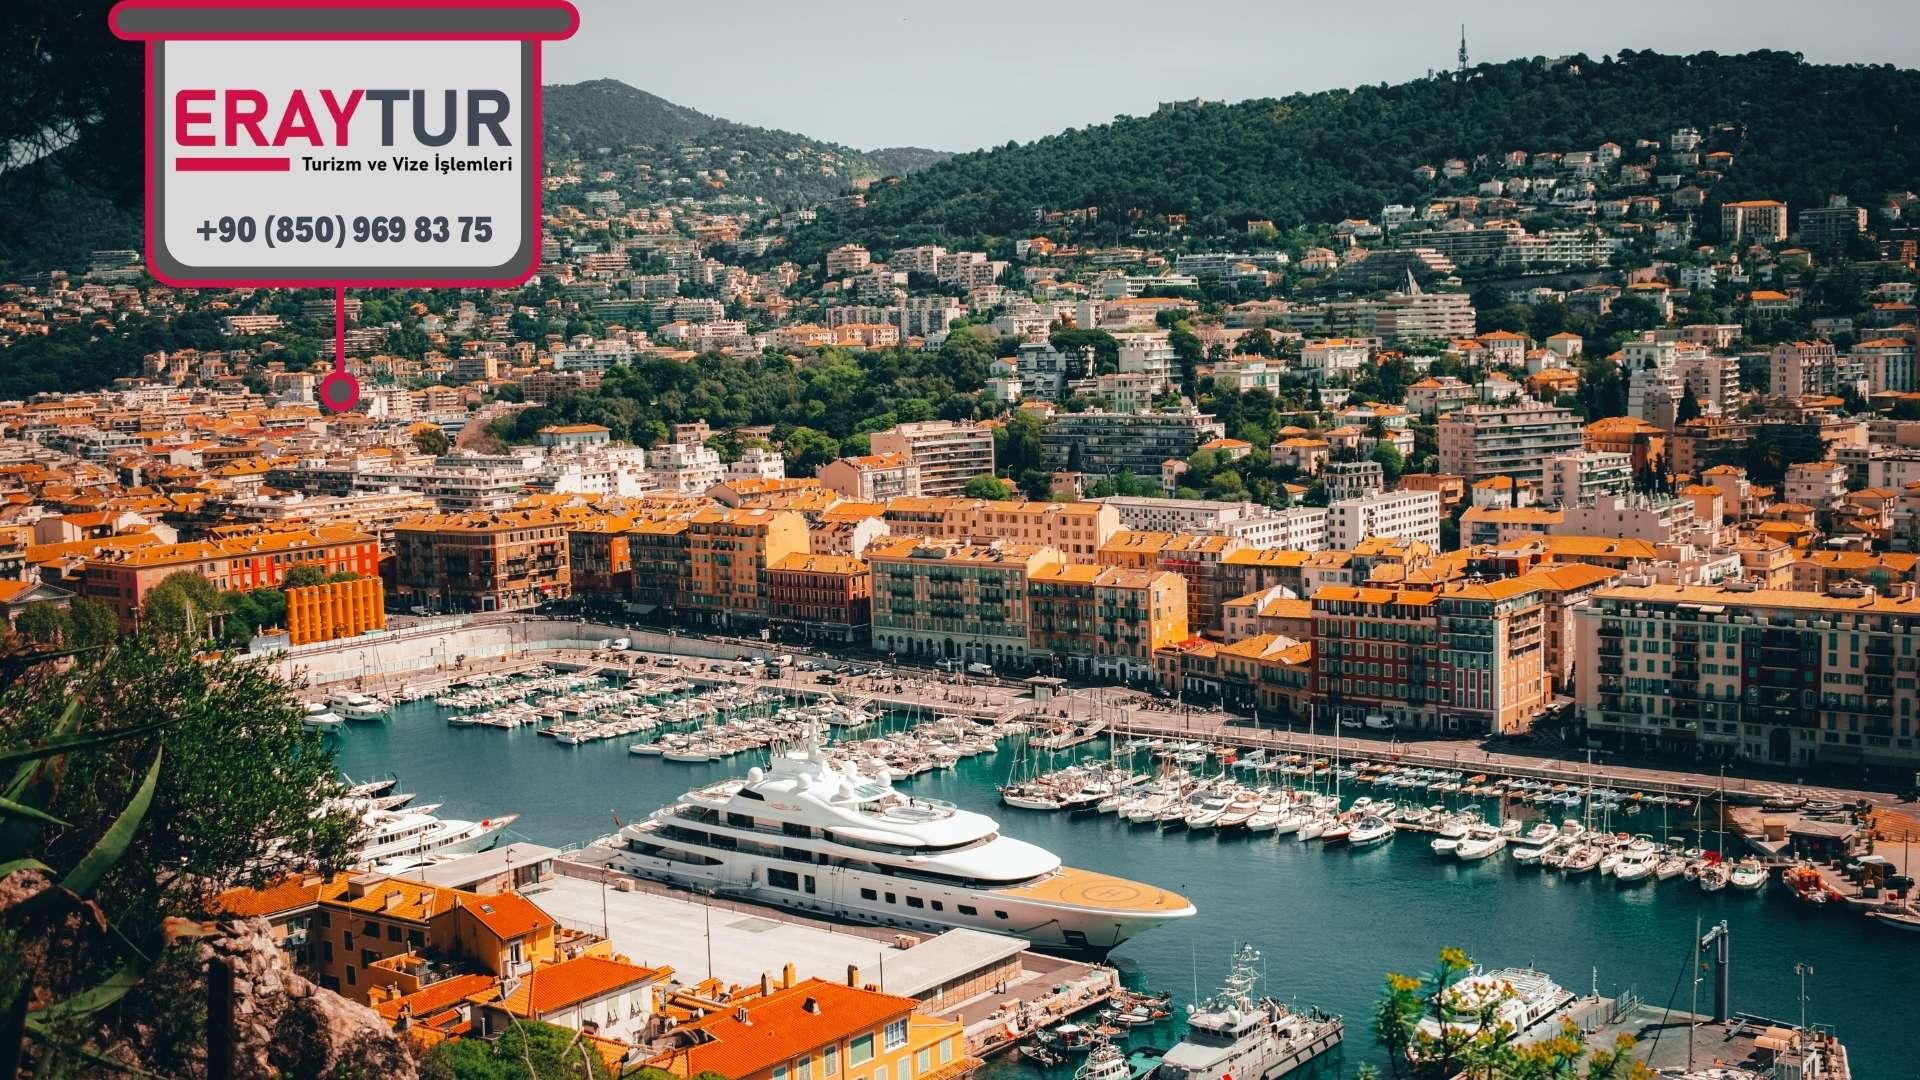 Fransa Turistik Vize Dilekçe Örneği